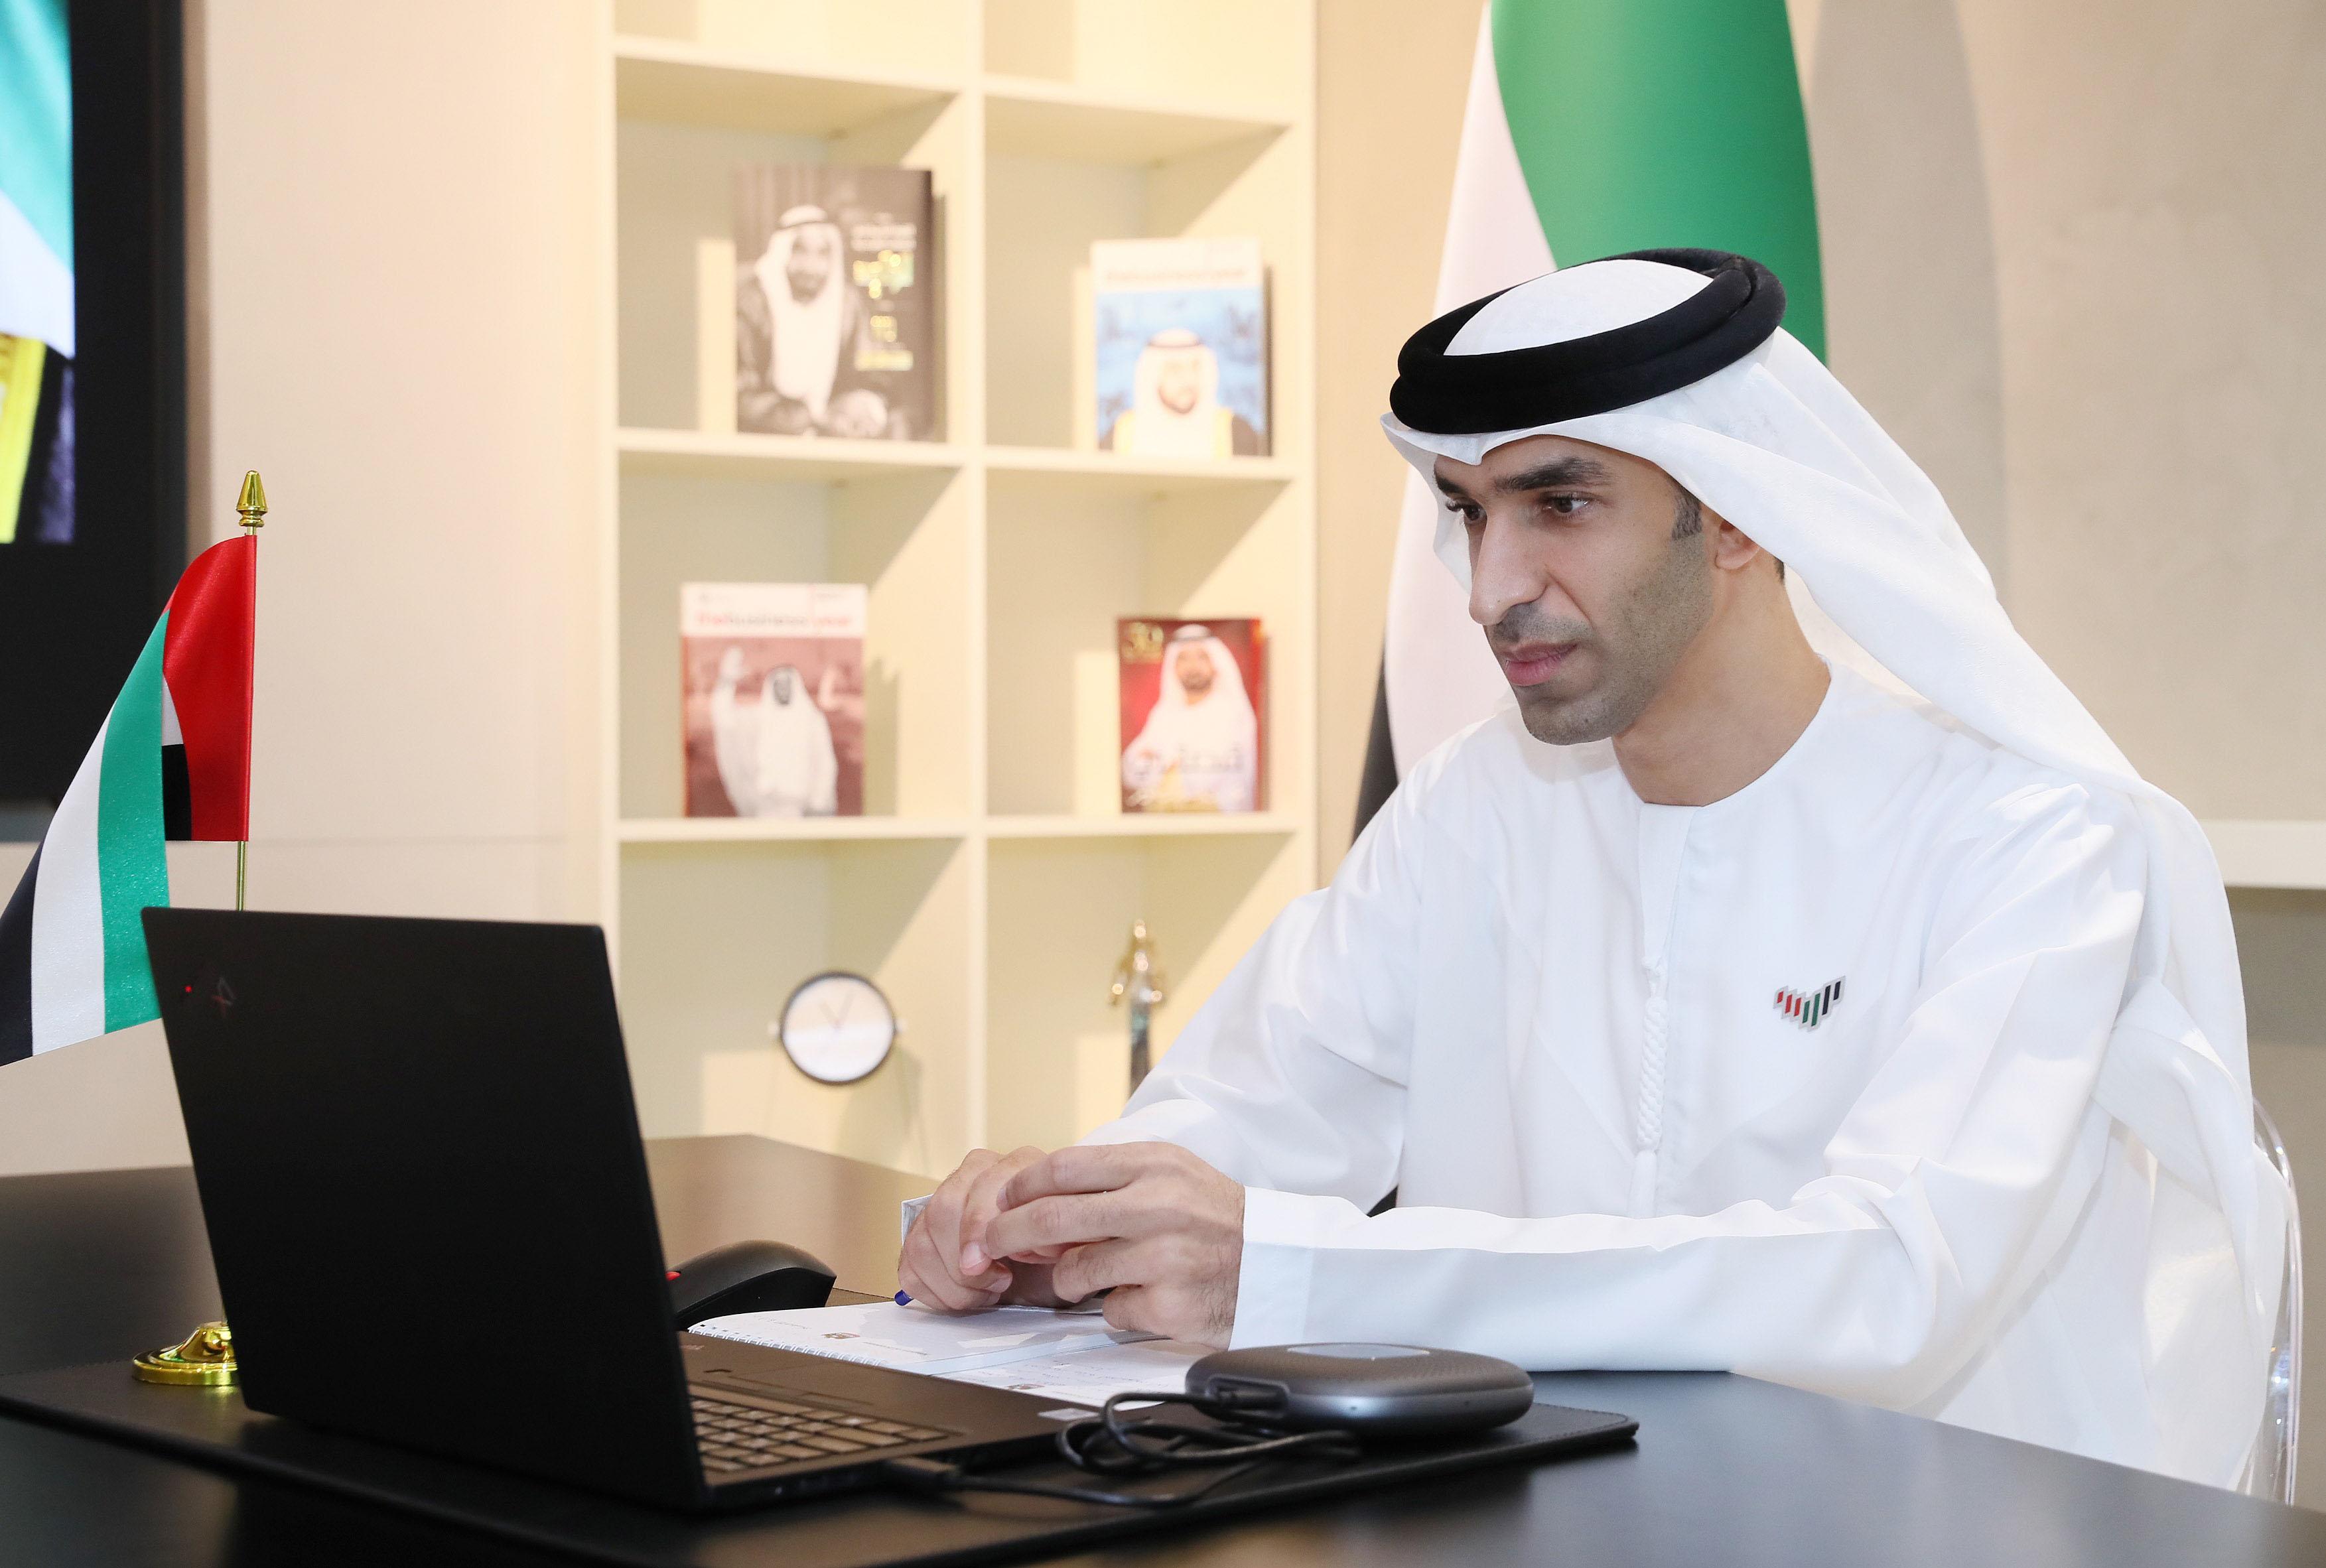 الإمارات تدعو إلى تعزيز التكامل الاقتصادي الخليجي وتطوير آليات فعالة للتعامل مع القضايا الاقتصادية والتجارية